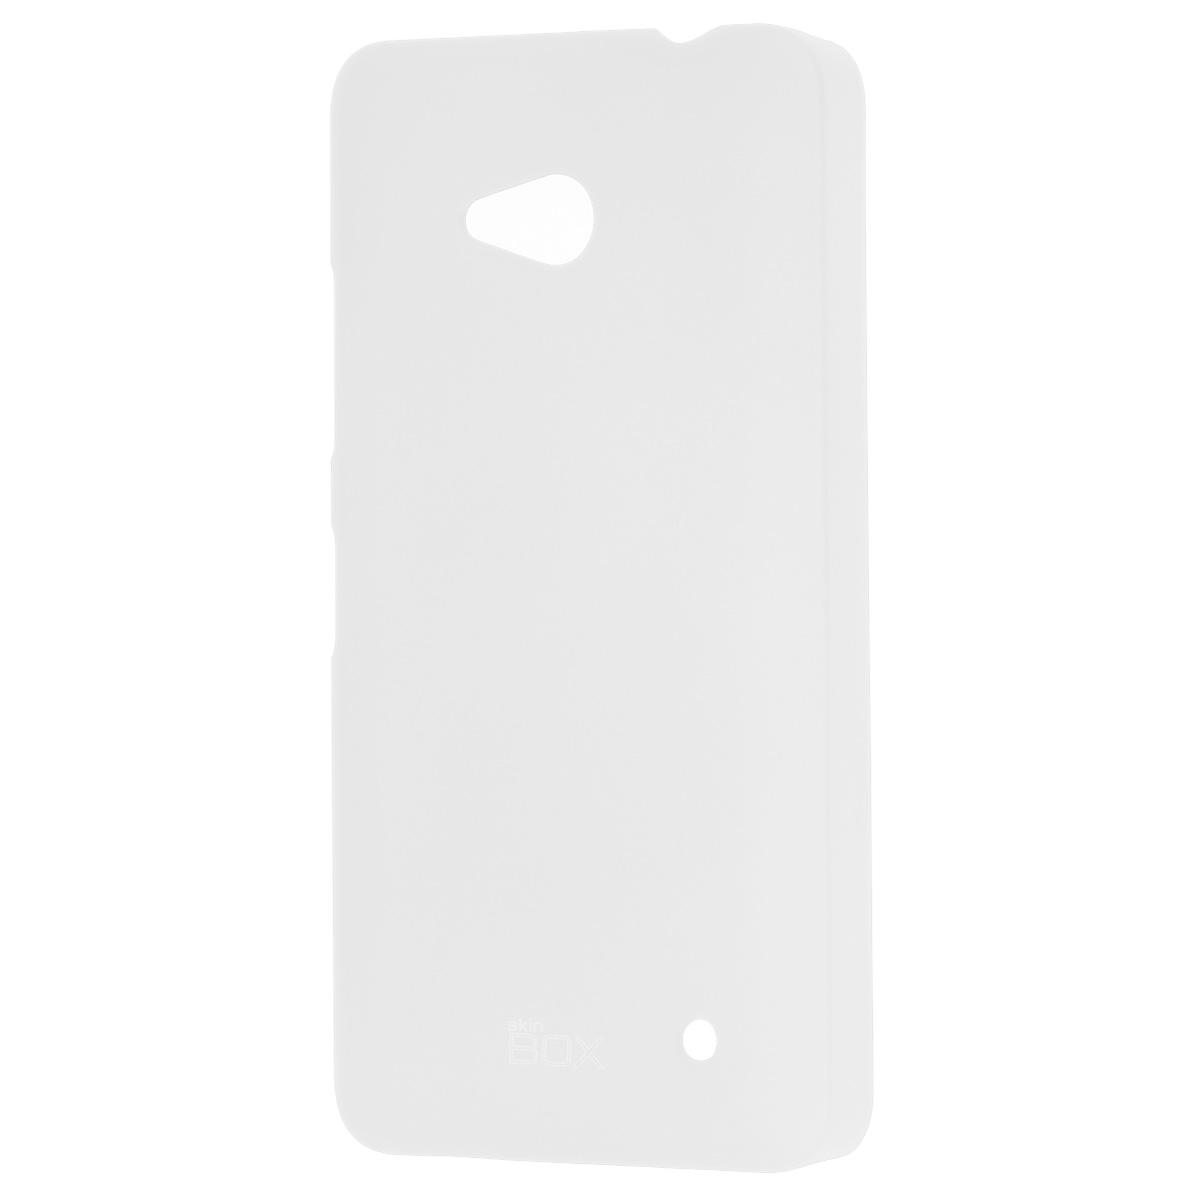 Skinbox Shield 4People чехол для Microsoft Lumia 640, WhiteT-S-ML640-002Накладка Skinbox Shield 4People для Microsoft Lumia 640 обеспечивает амортизацию удара при непредвиденном падении устройства, а также защитит его от пыли, отпечатков пальцев и царапин. Обеспечивает свободный доступ ко всем разъемам и клавишам устройства.